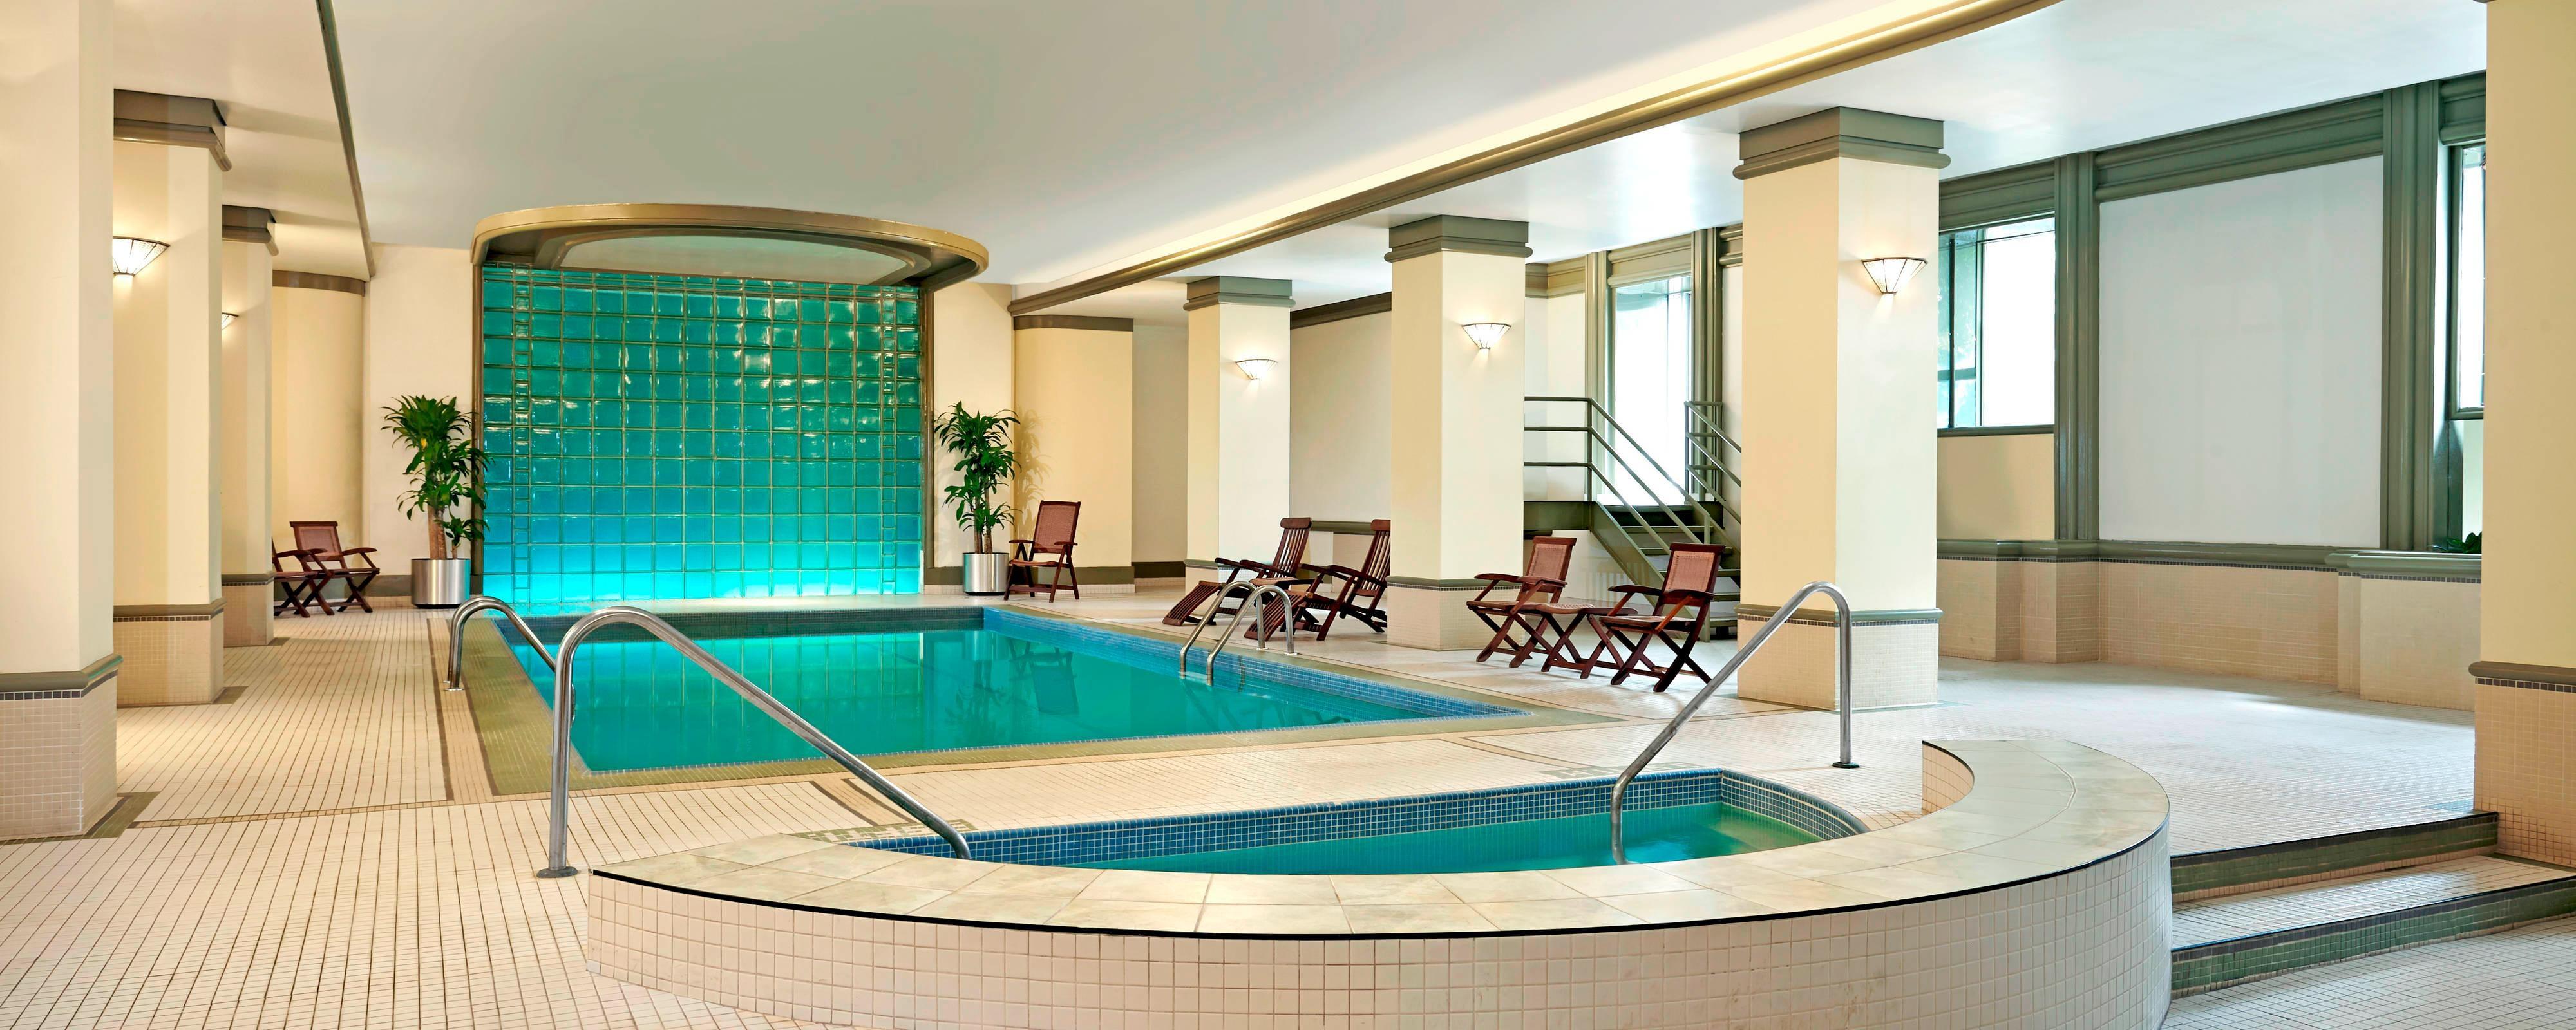 Retome fuerzas en nuestra piscina de agua salada